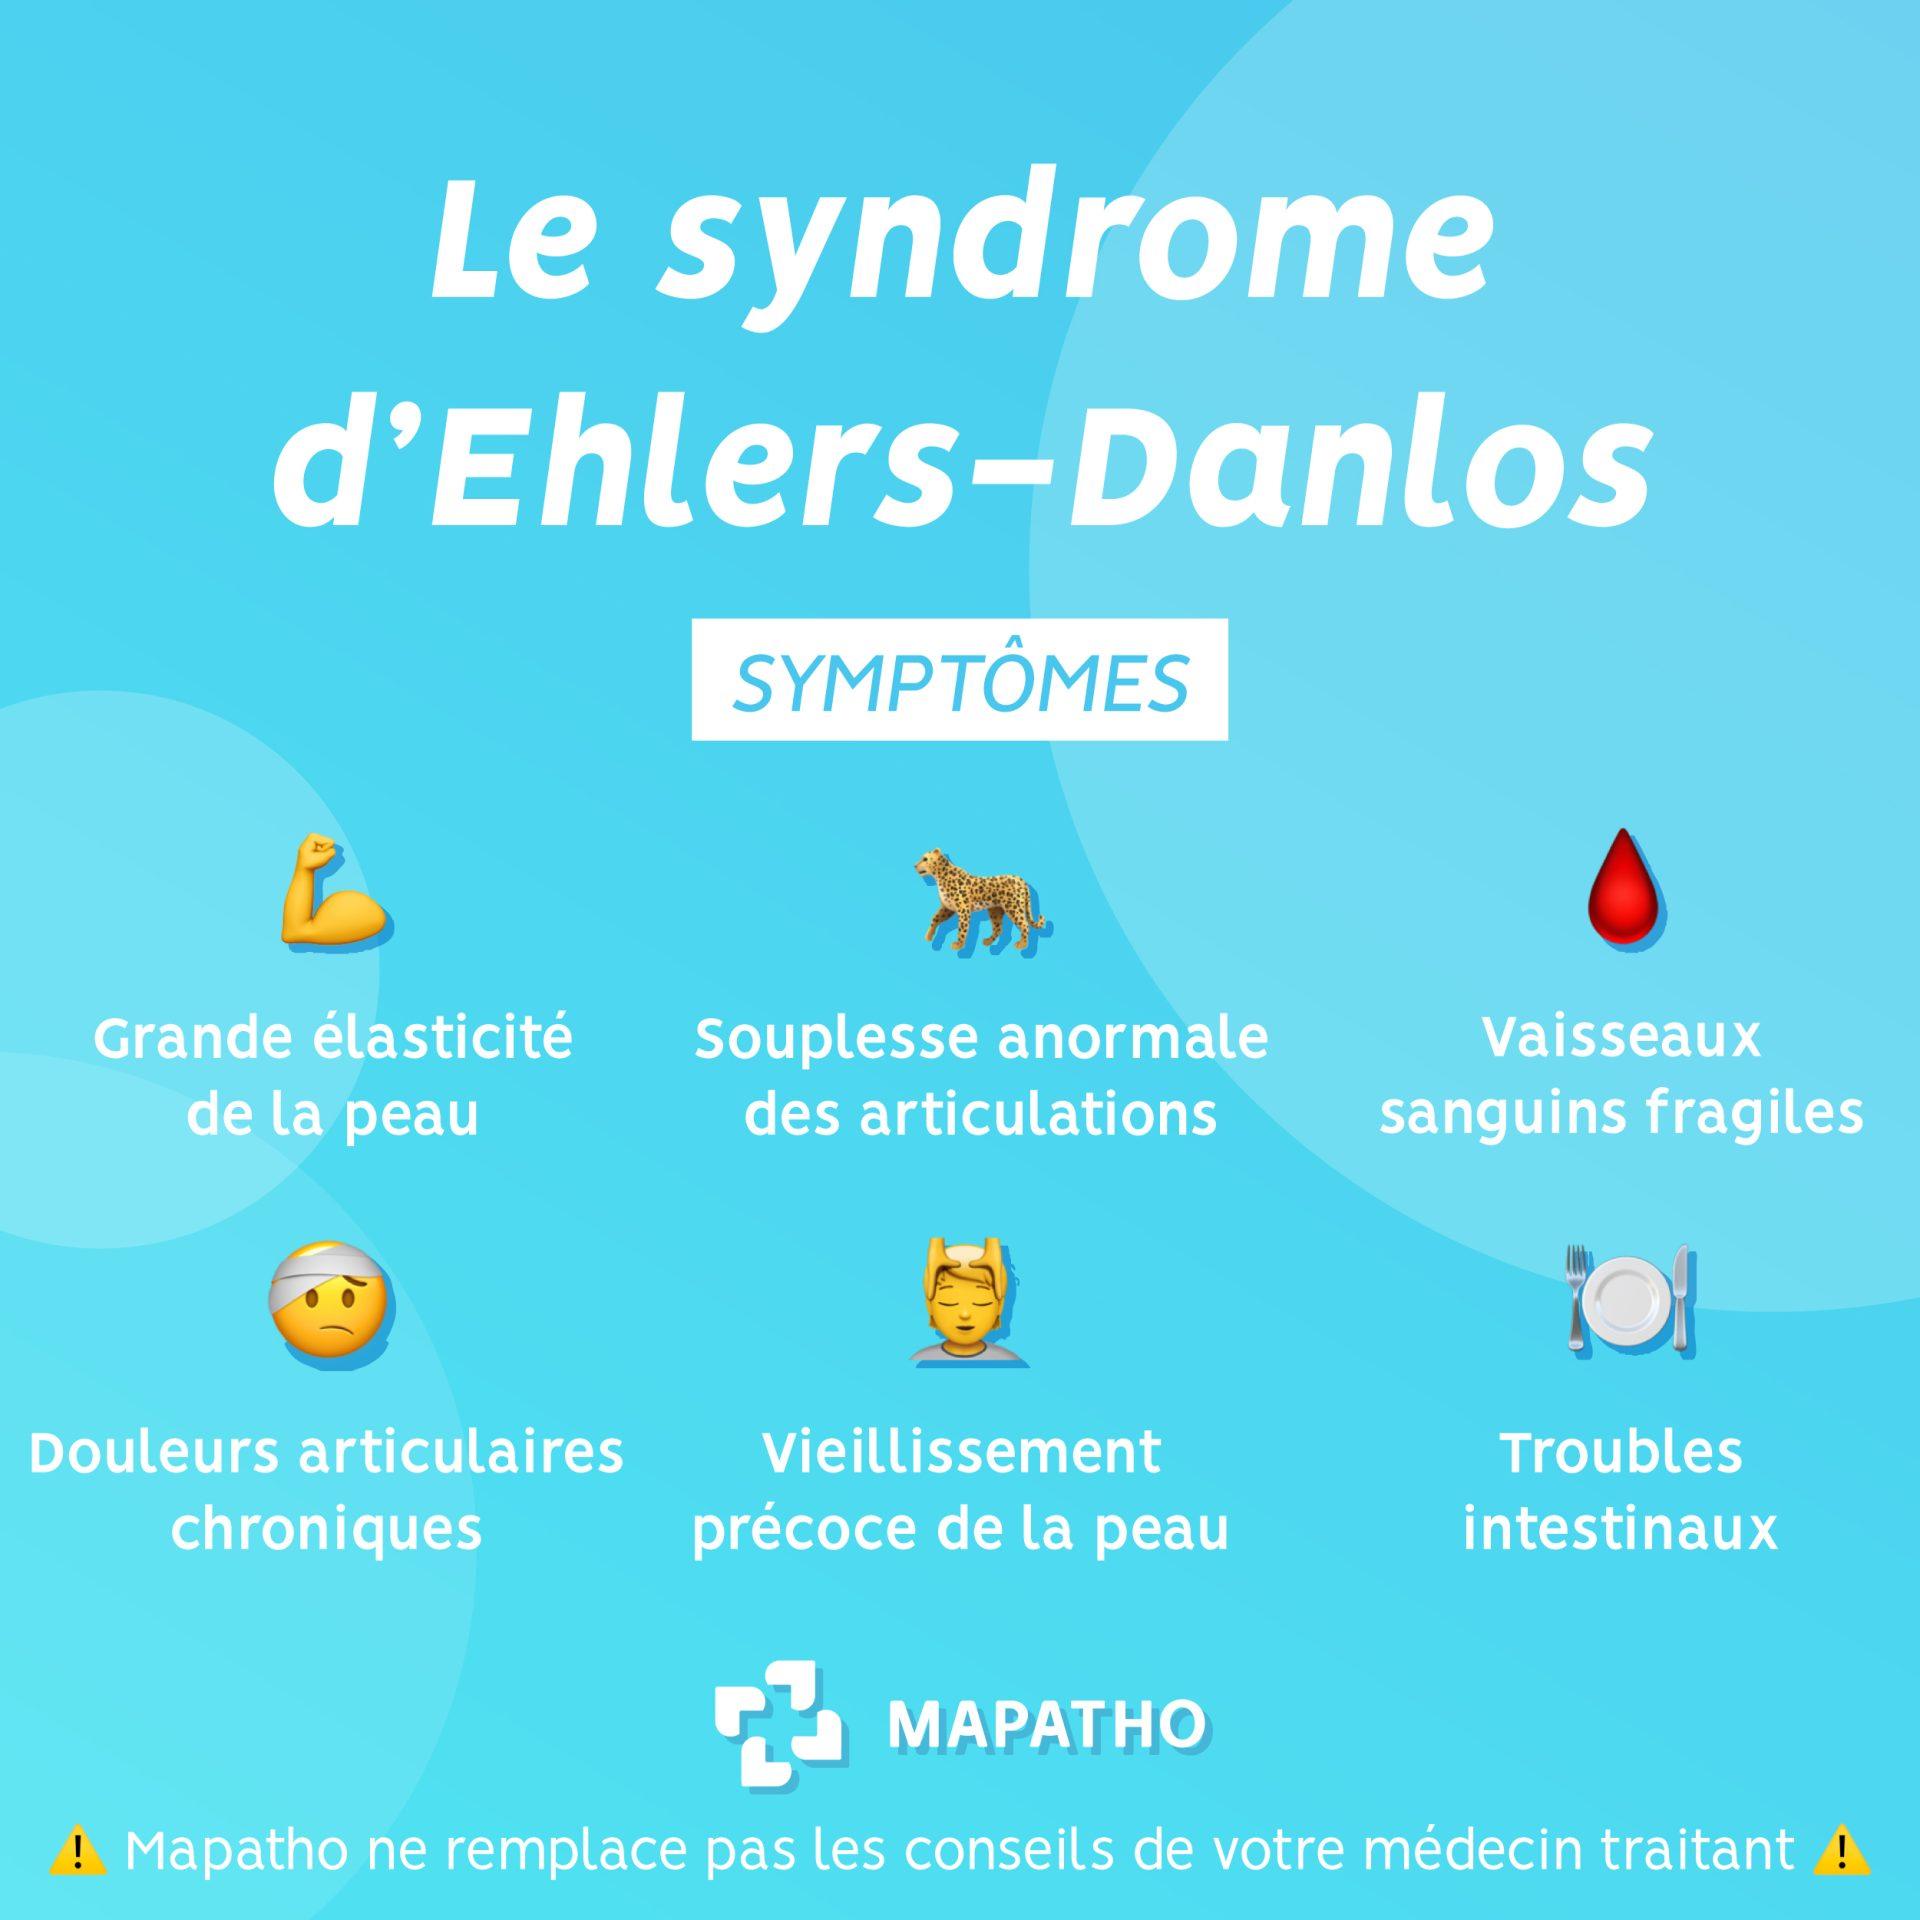 symptomes du syndrome d'ehlers Danlos